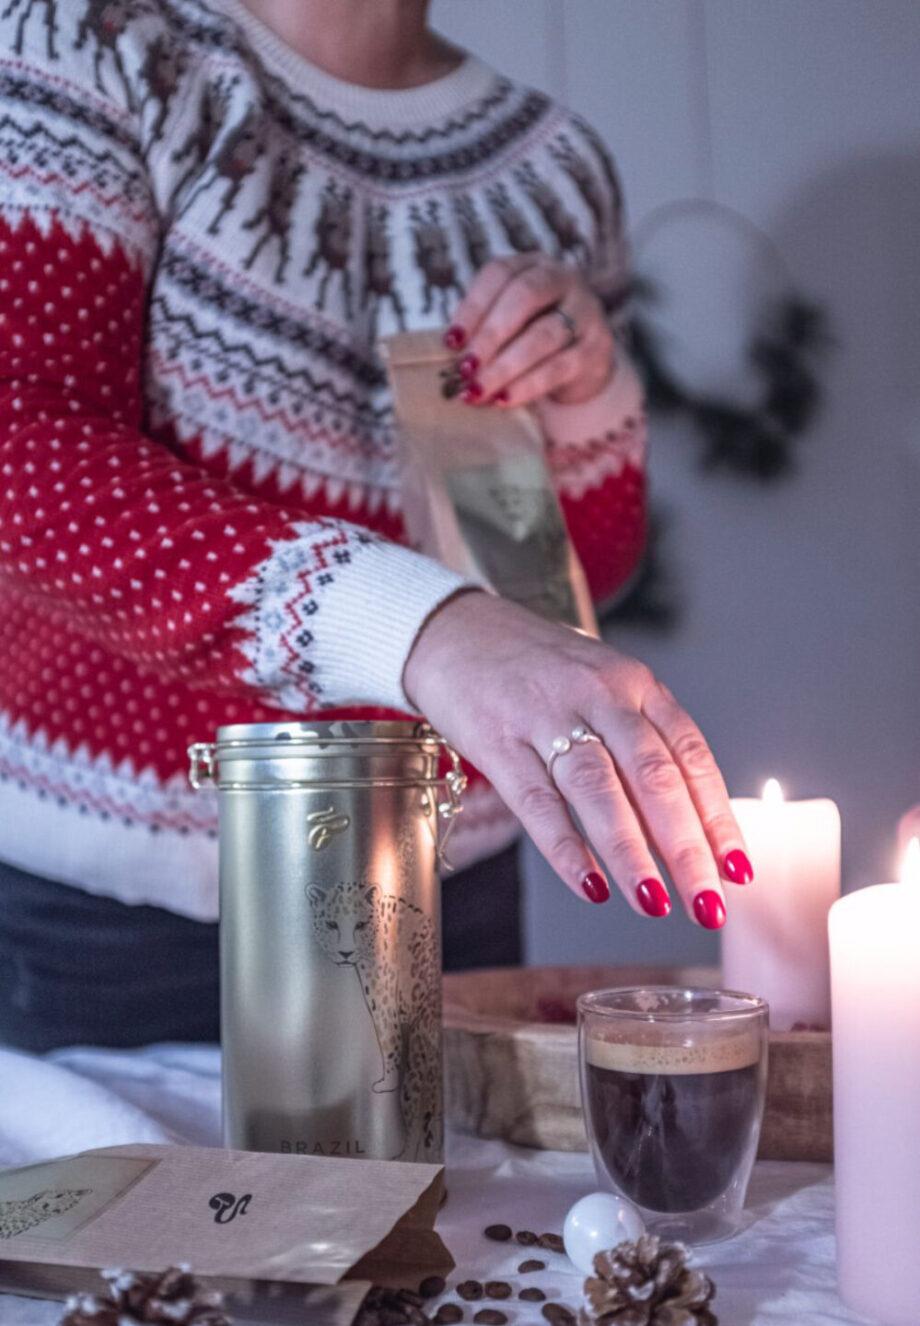 Die 15 schönsten Last Minute Geschenkideen 2020 - Weihnachten, Weihnachtsgeschenke - alles, was Du brauchst um Deine Lieben glücklich zu machen.